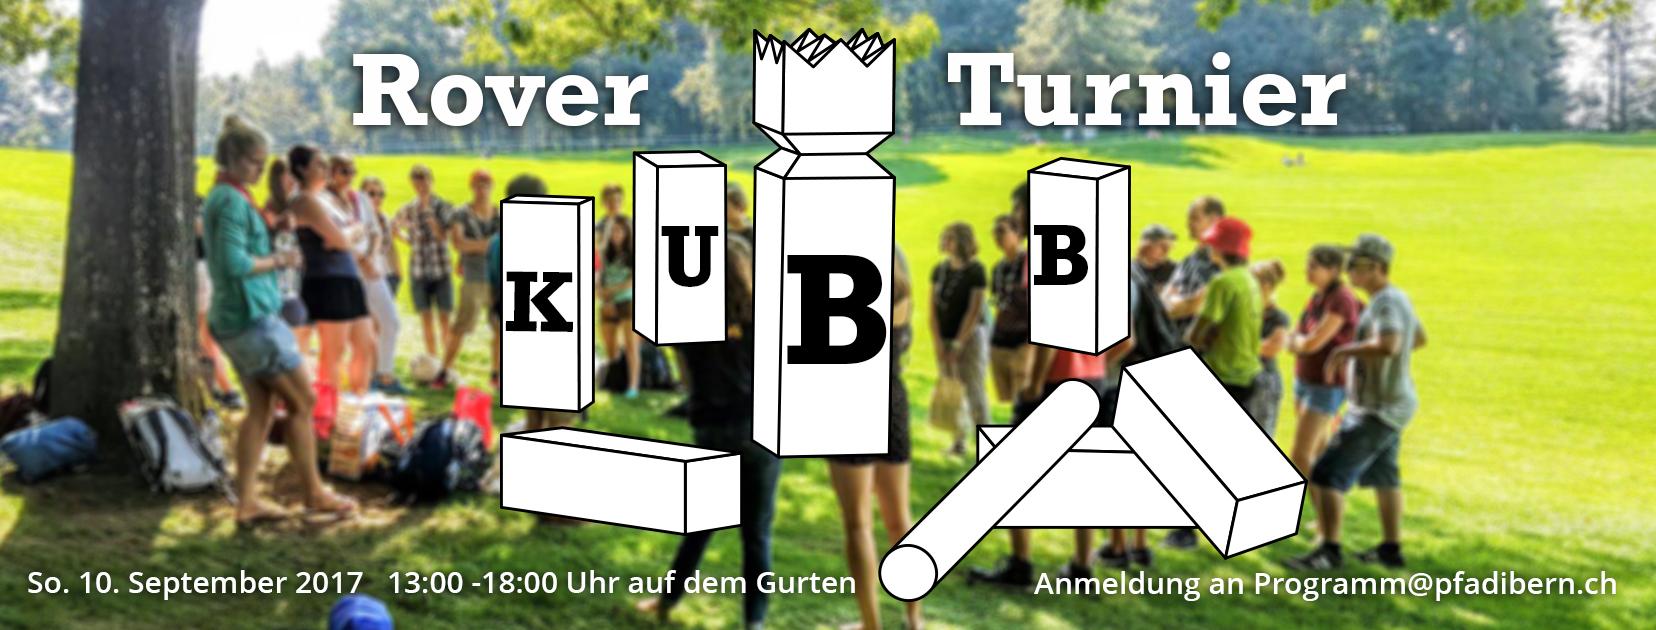 Kubb Flyer 2017